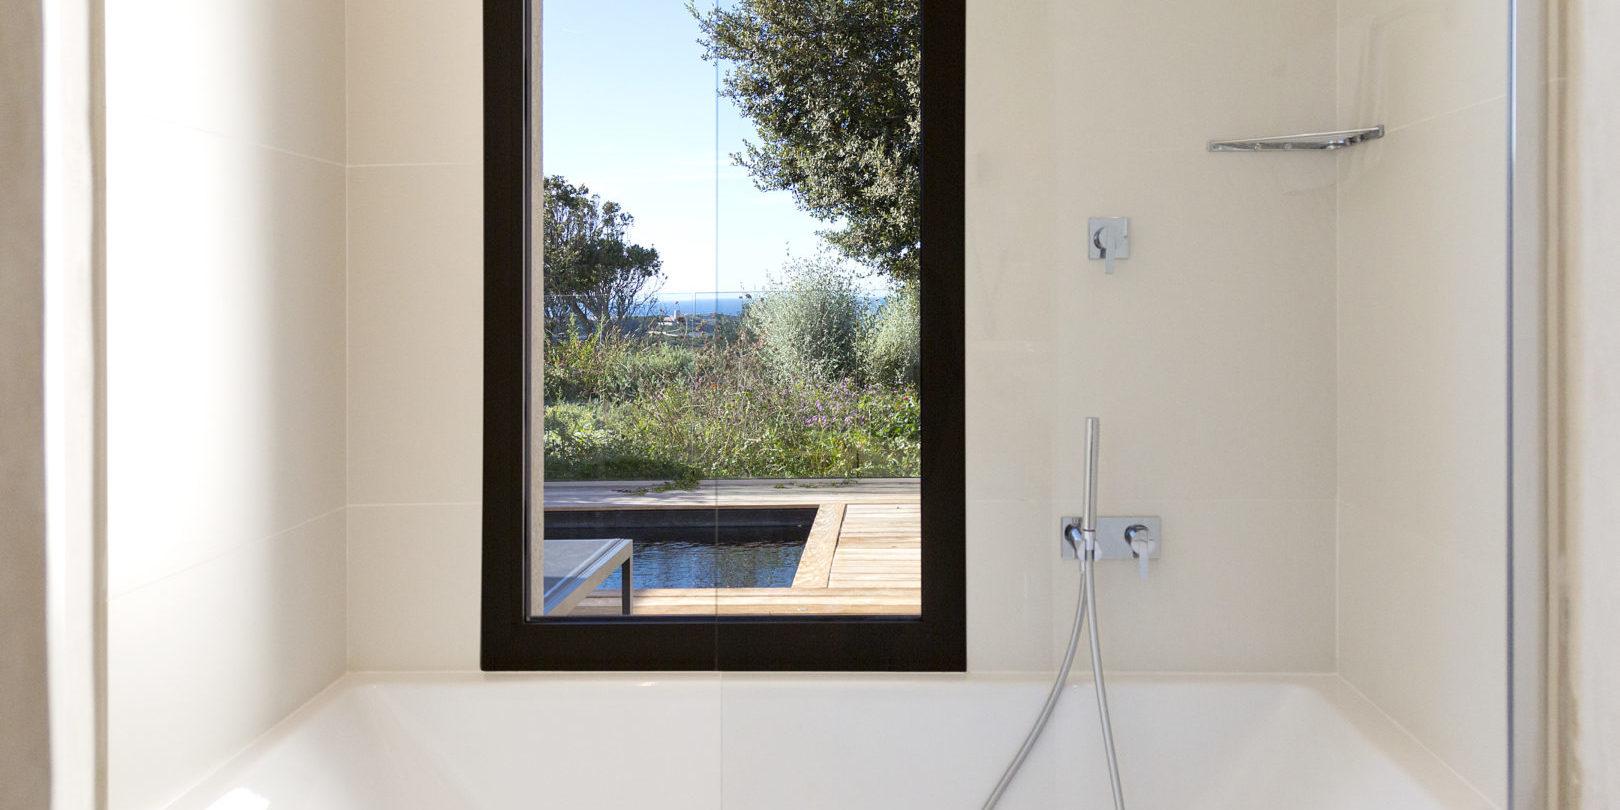 Hotel Cala di Greco Bonifacio Corsica Zuid-Corsica Frankrijk badkamer privézwembad